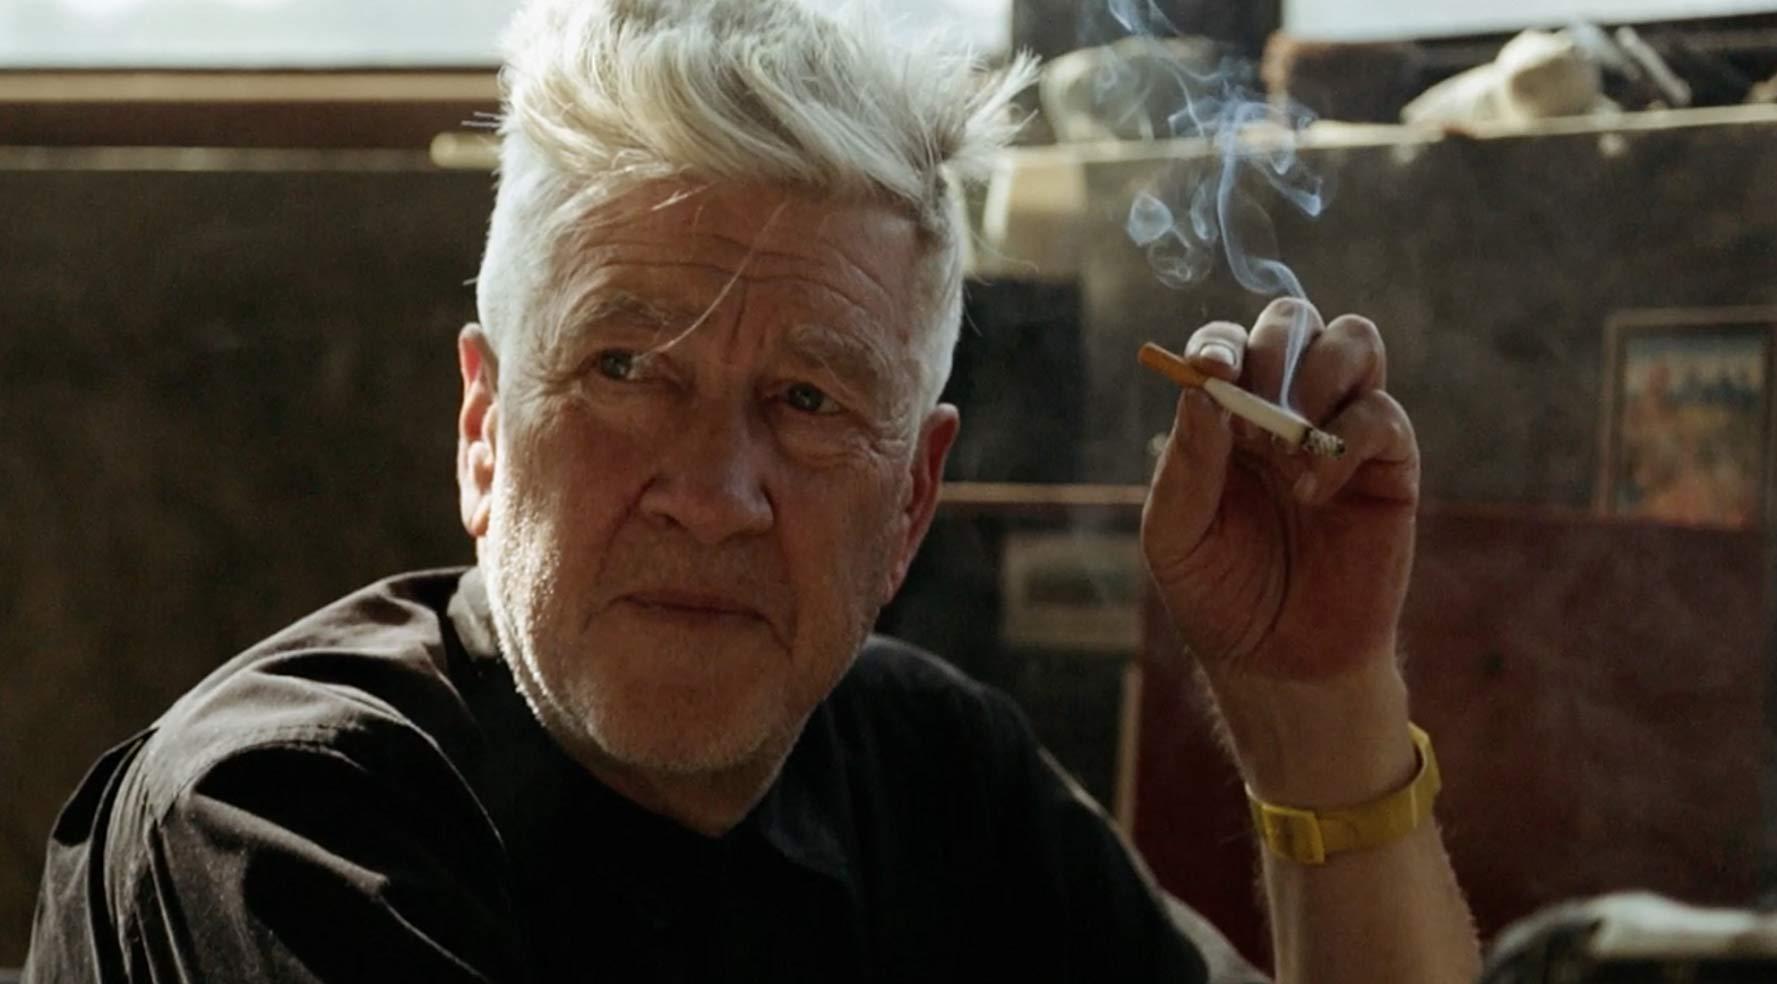 مشاهدة فيلم David Lynch- The Art Life 2016 HD مترجم كامل اون لاين